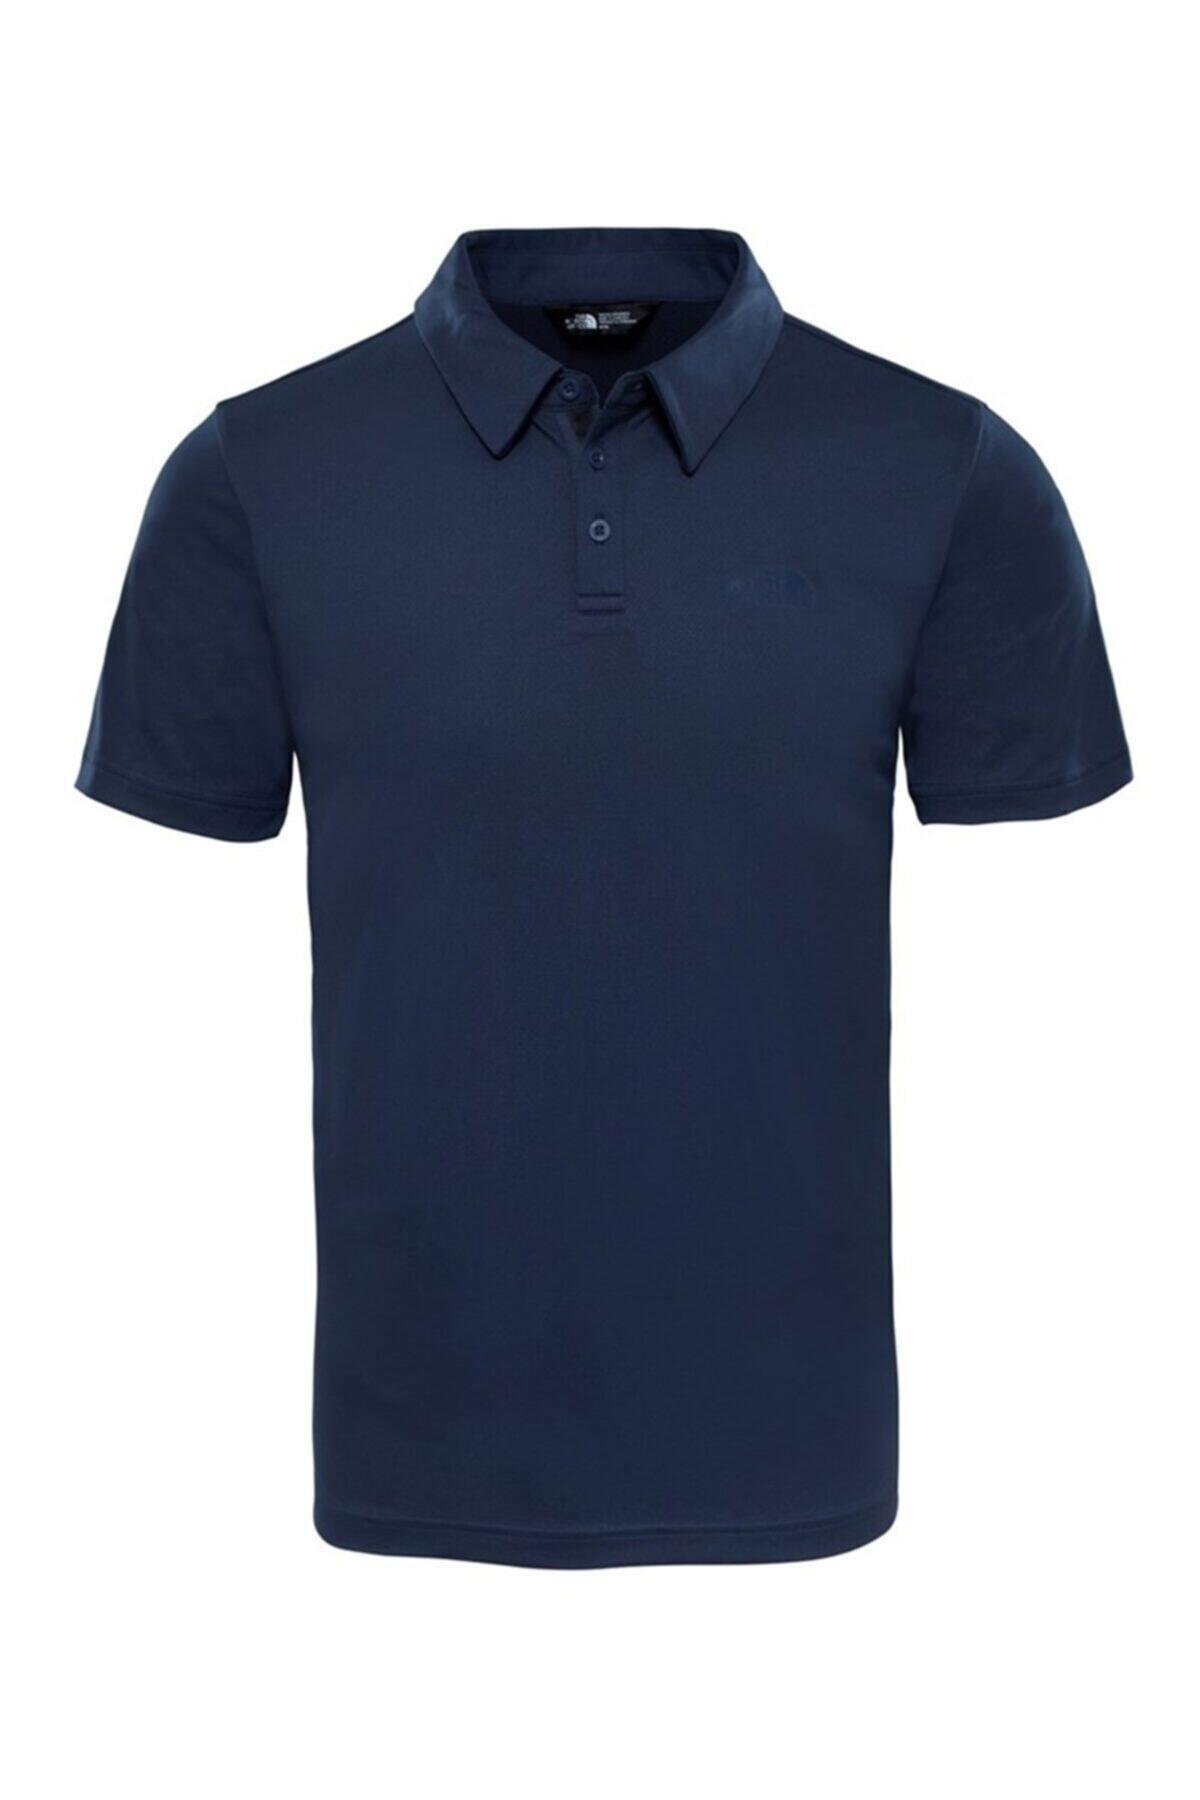 M TANKEN POLO Lacivert Erkek Kısa Kol T-Shirt 100581371